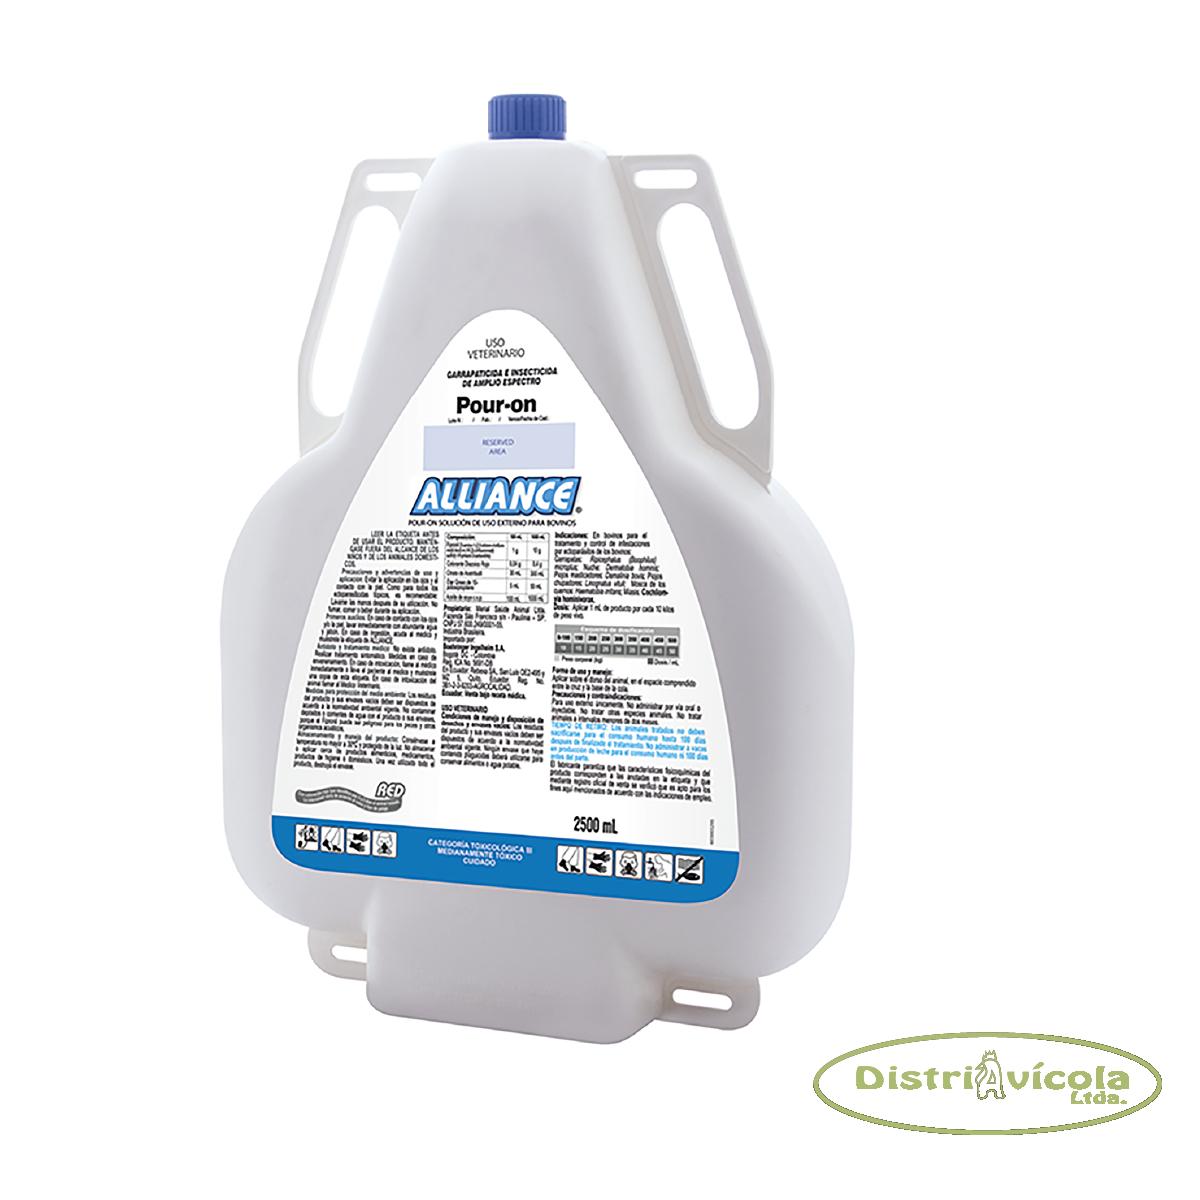 Ectoparasiticida  alliance x 1 litro distriavicola